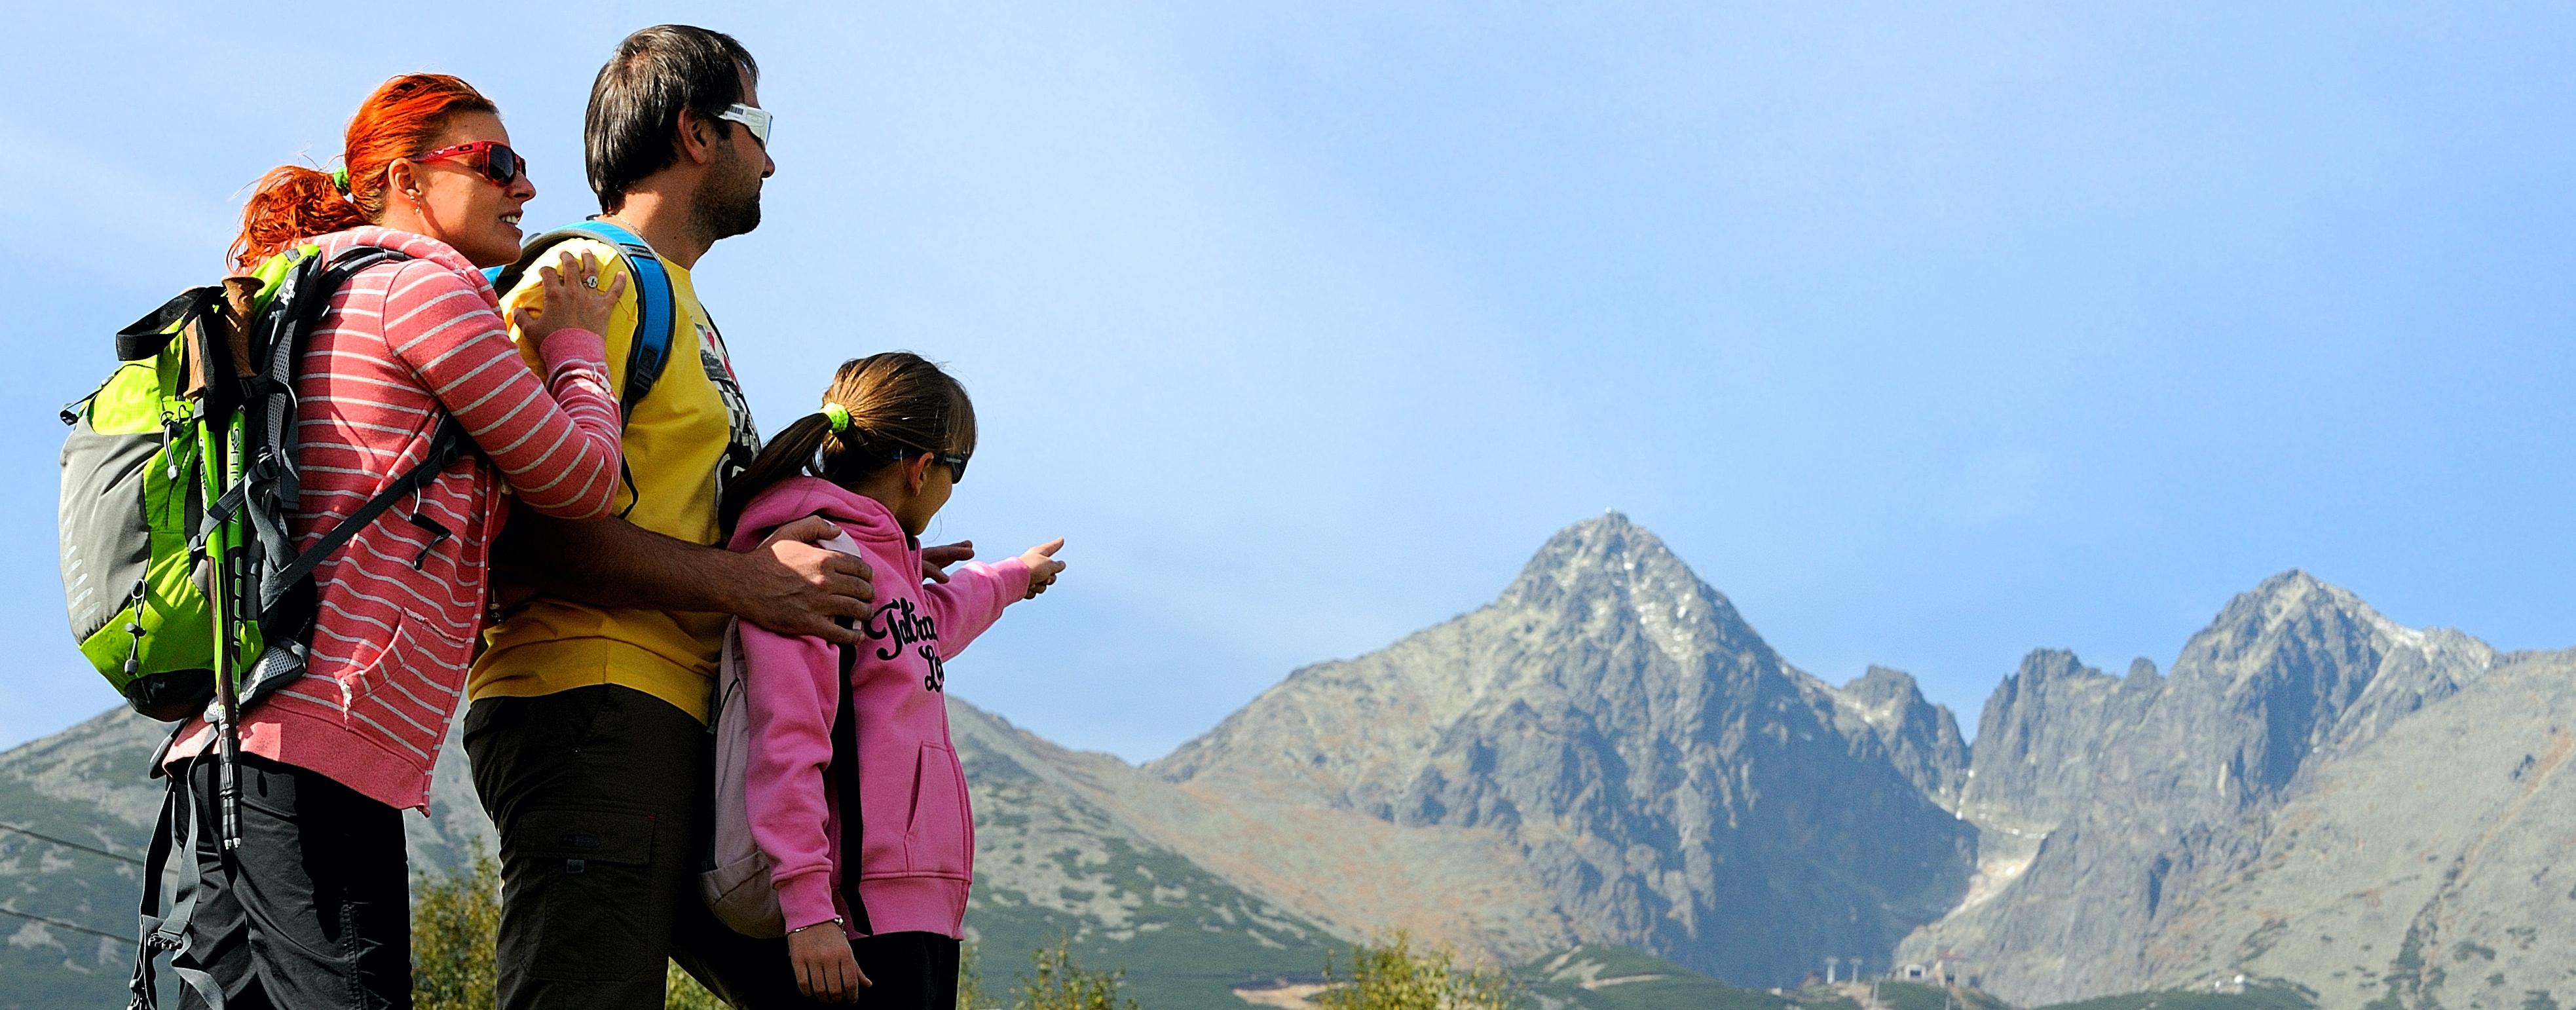 Vysoké Tatry sa opatrne otvárajú, cestovný ruch potrebuje oživenie ako soľ